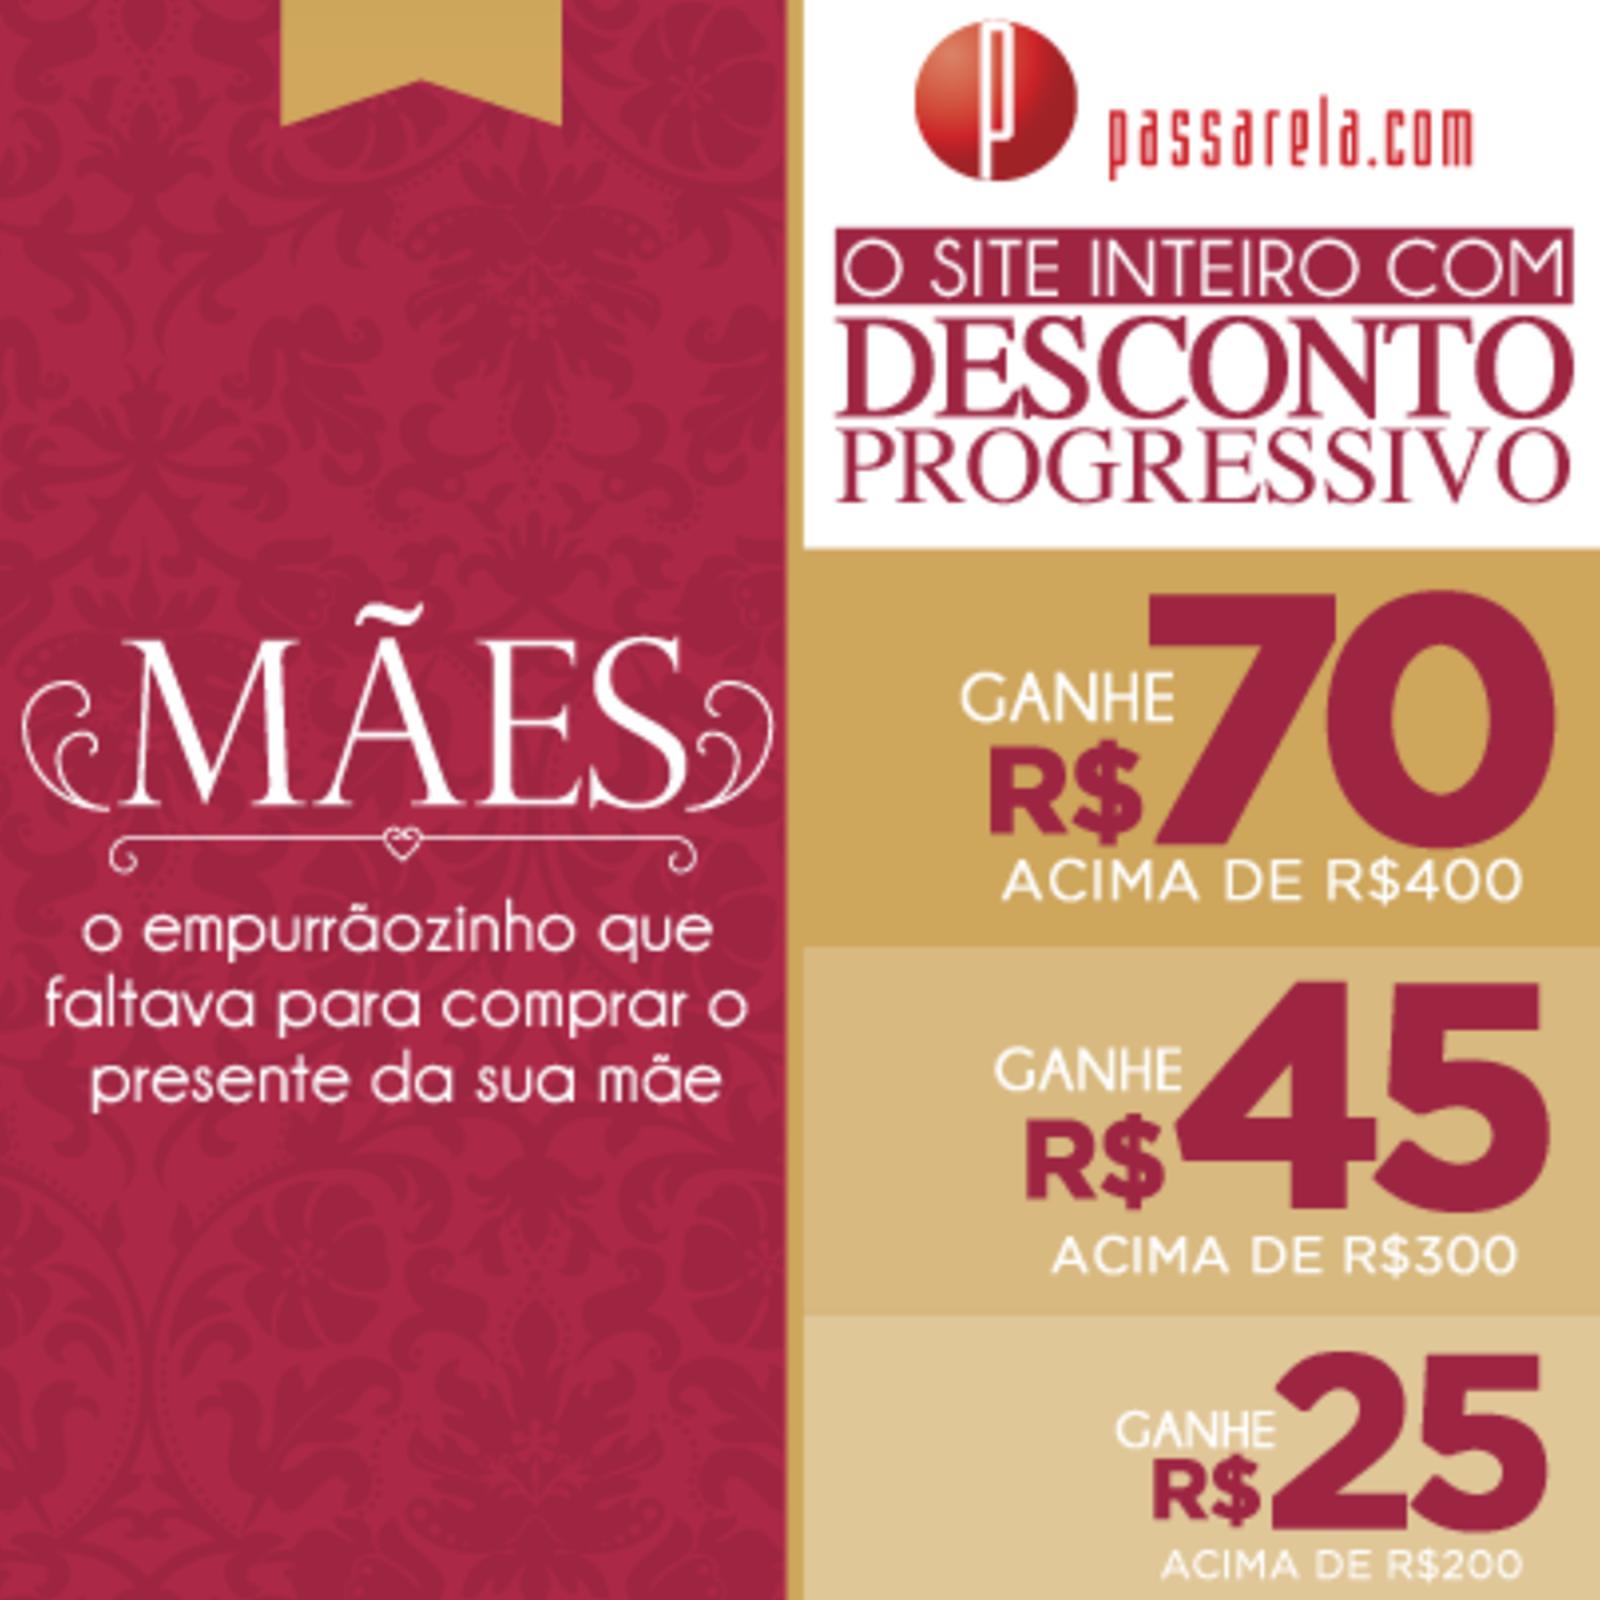 www.passarela.com.br